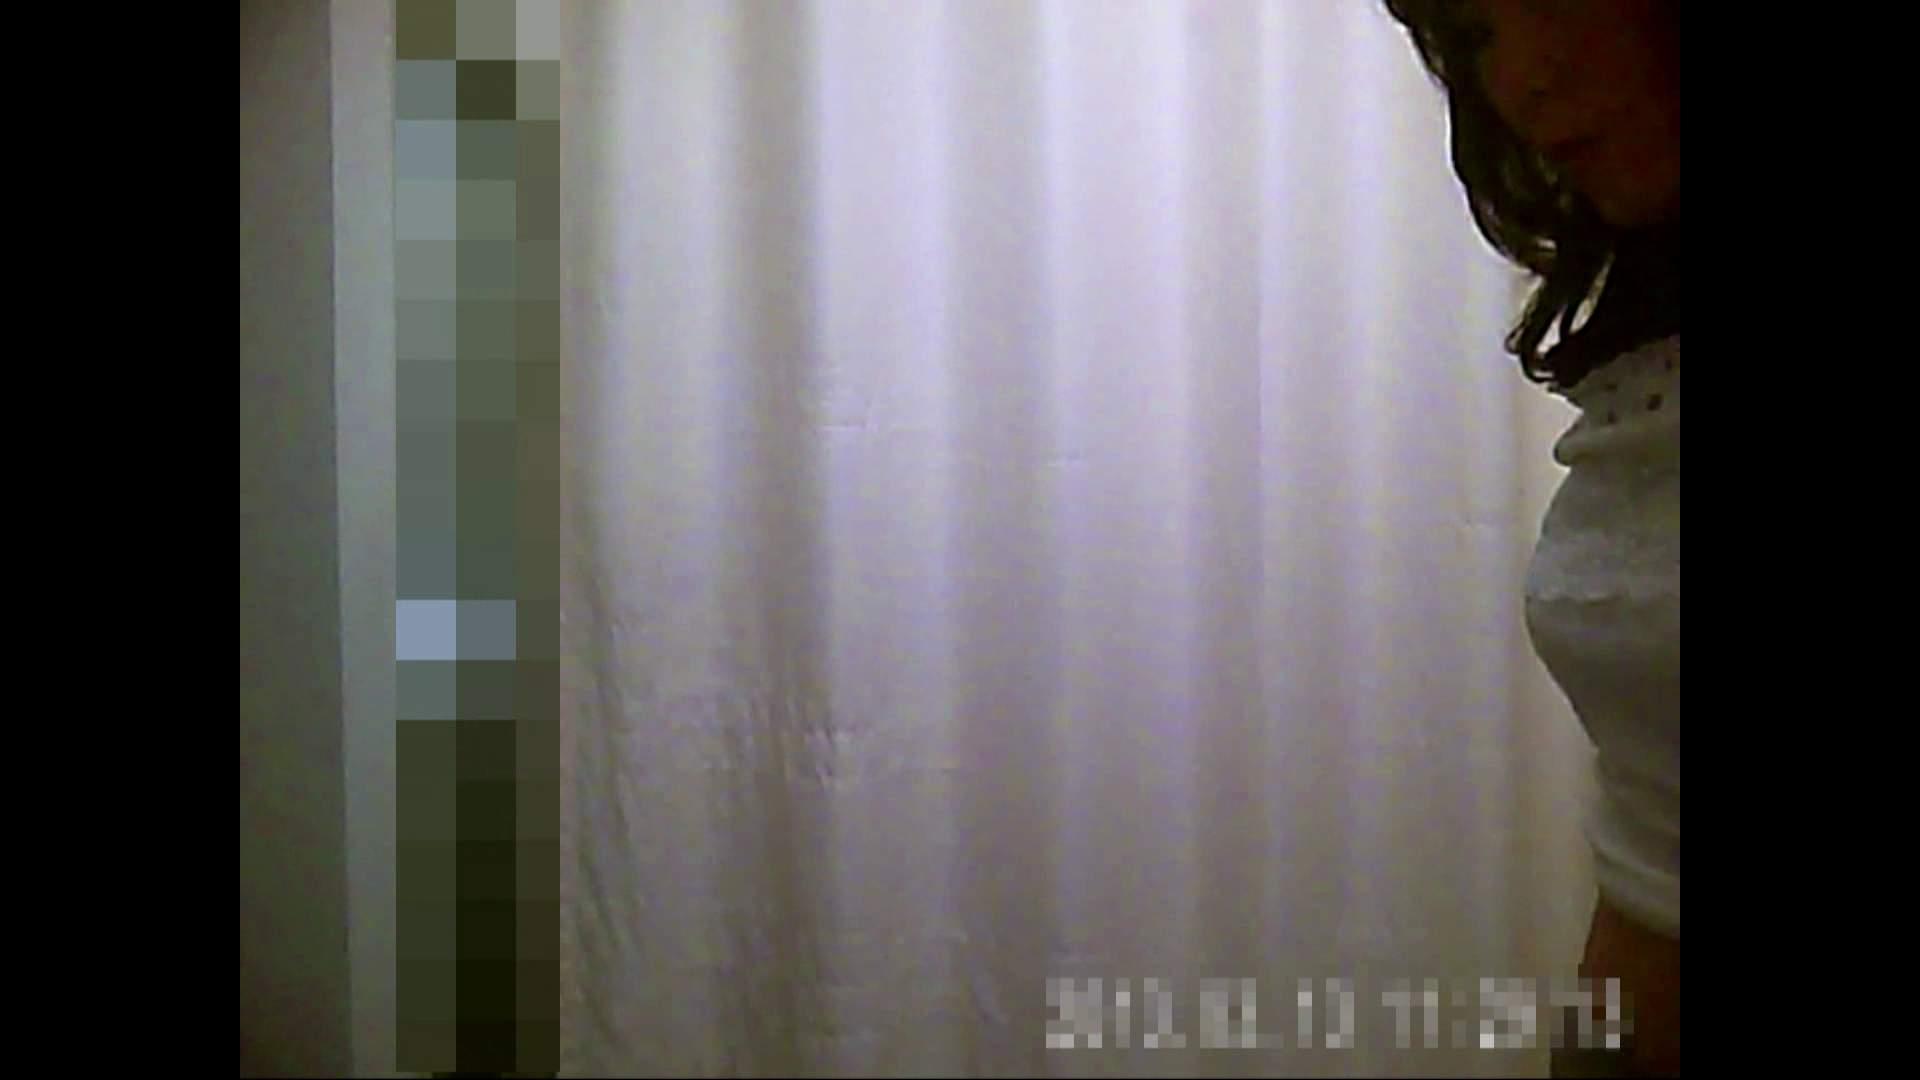 元医者による反抗 更衣室地獄絵巻 vol.097 OLの実態  87pic 60